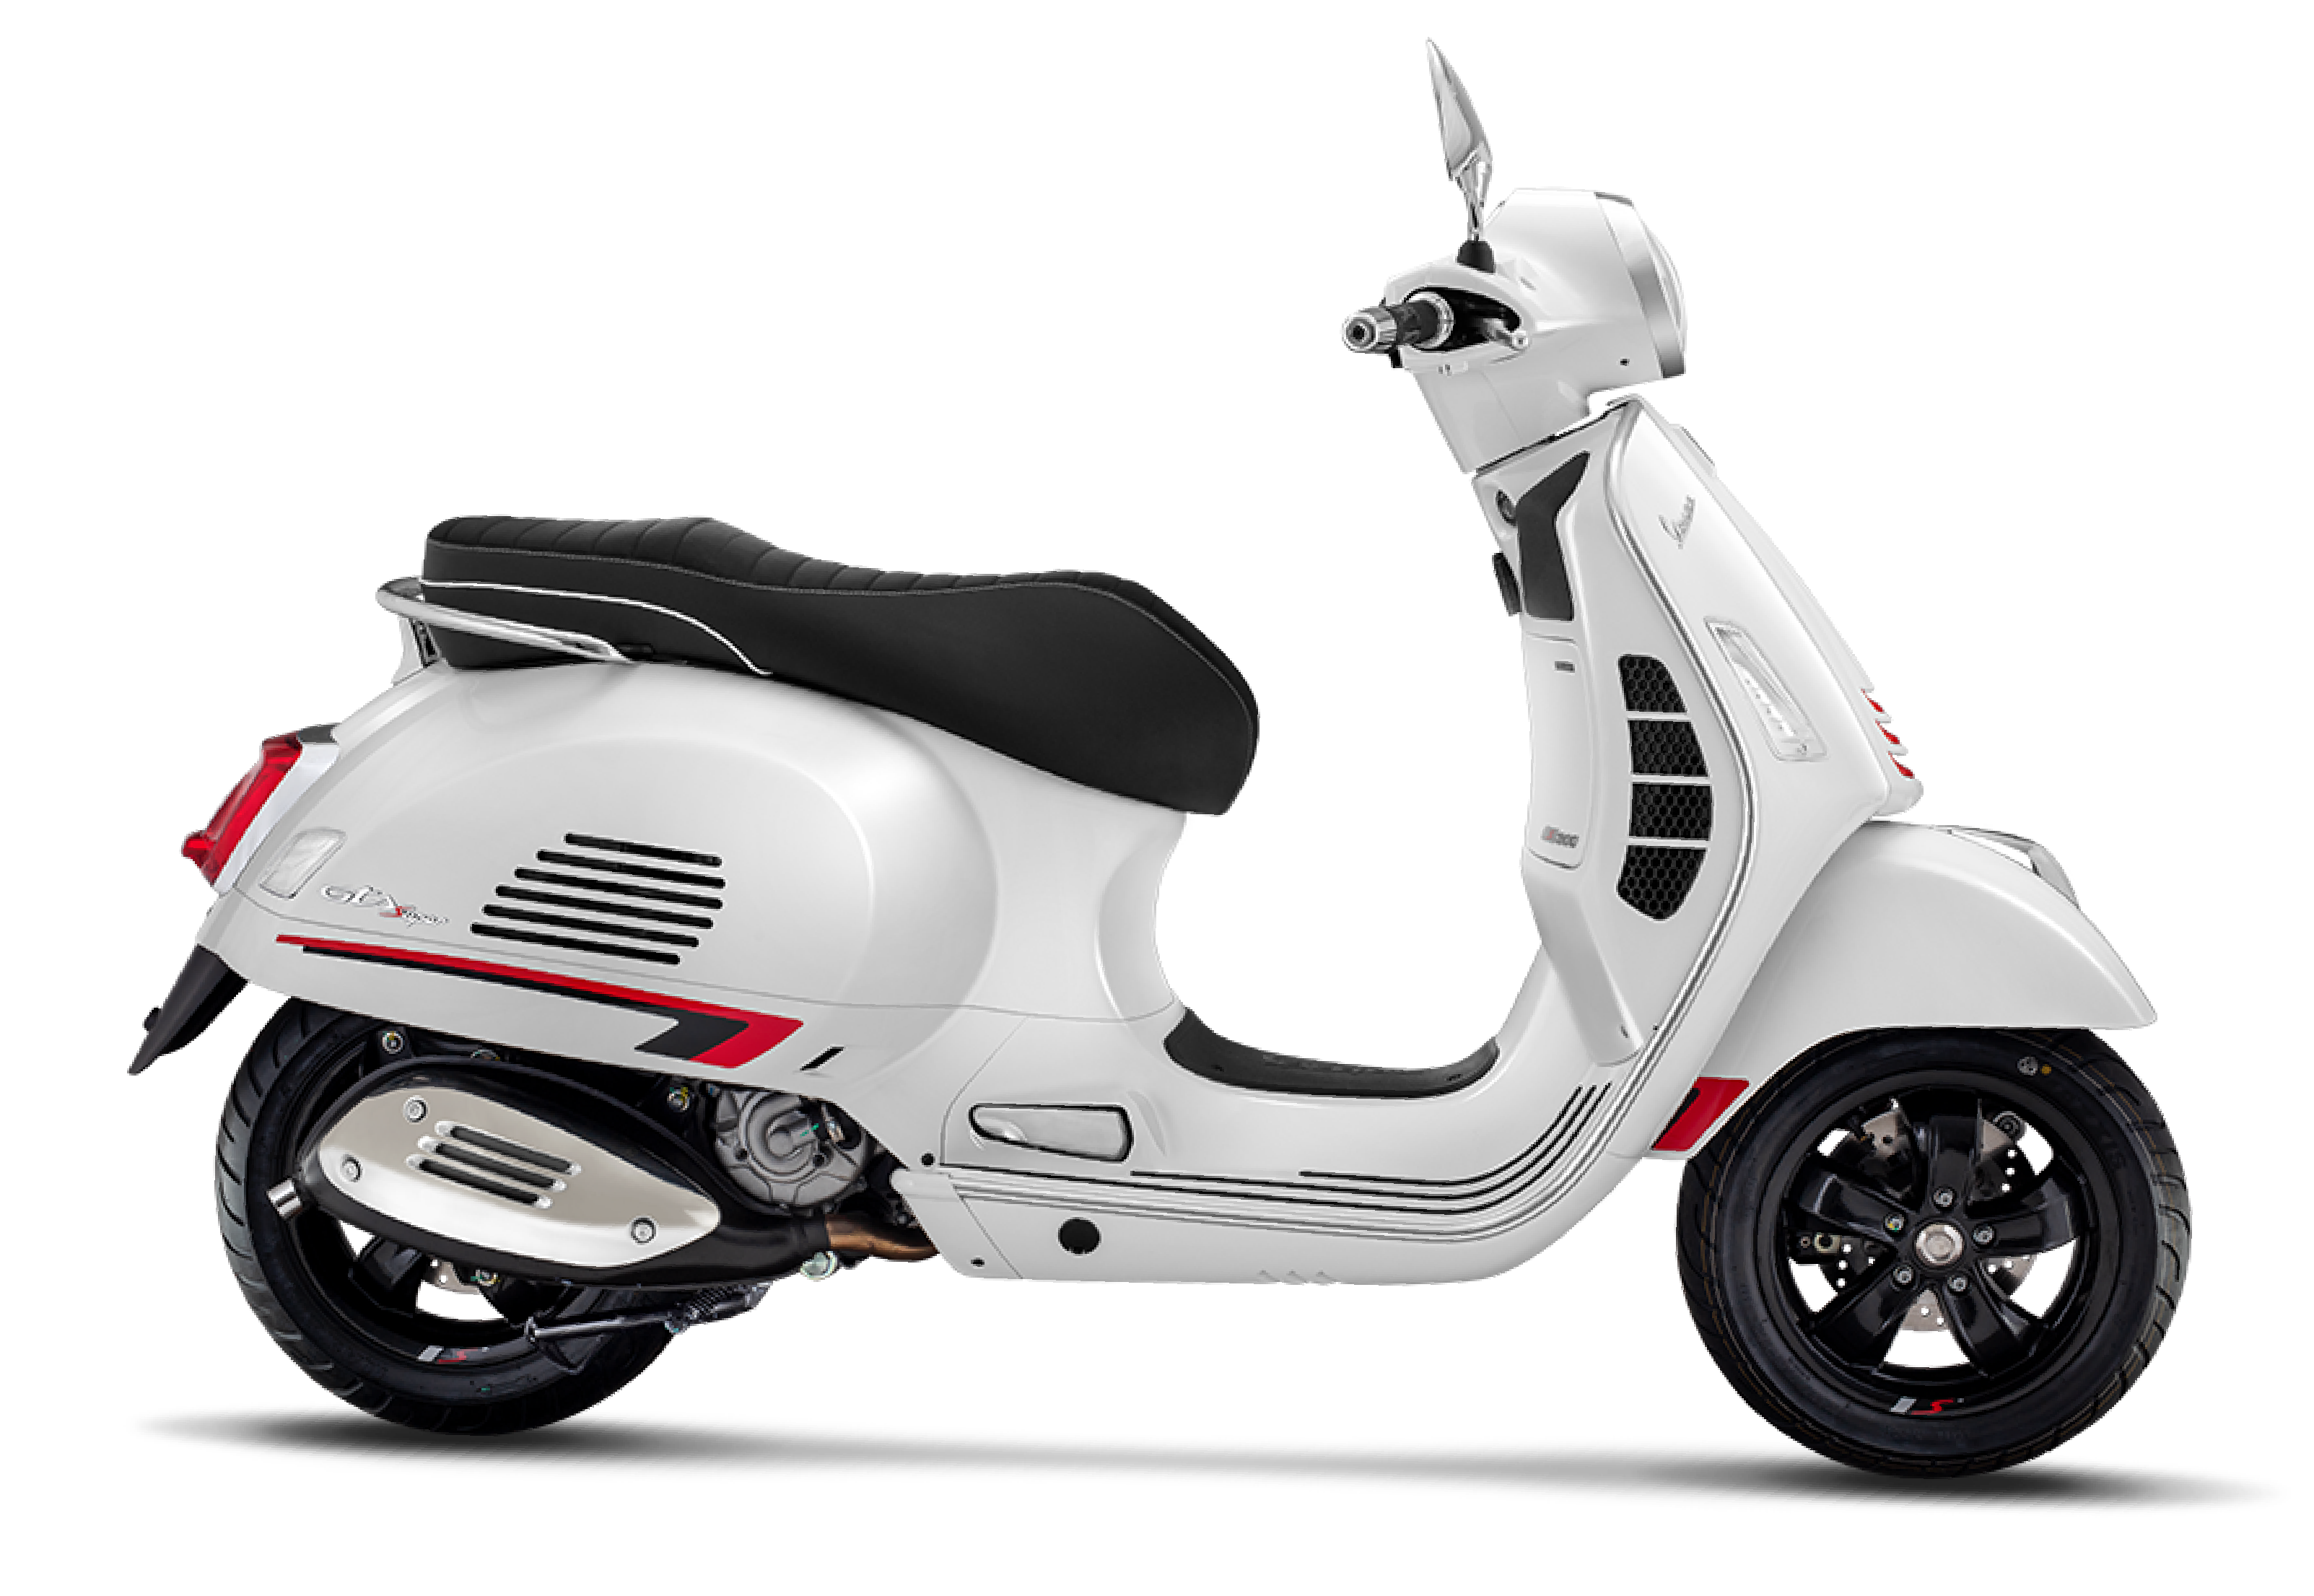 Vespa Gts Super 300 Vespa Com